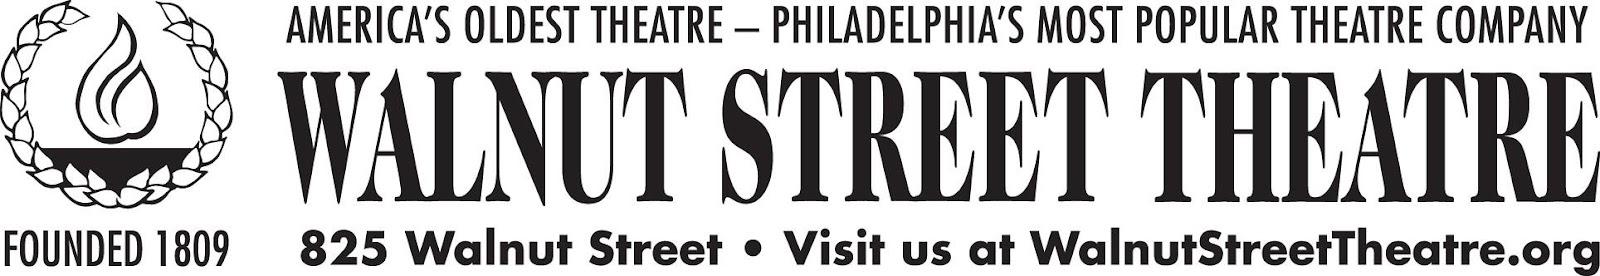 Walnut Street Theatre's JUNIE B. JONES Just Extended